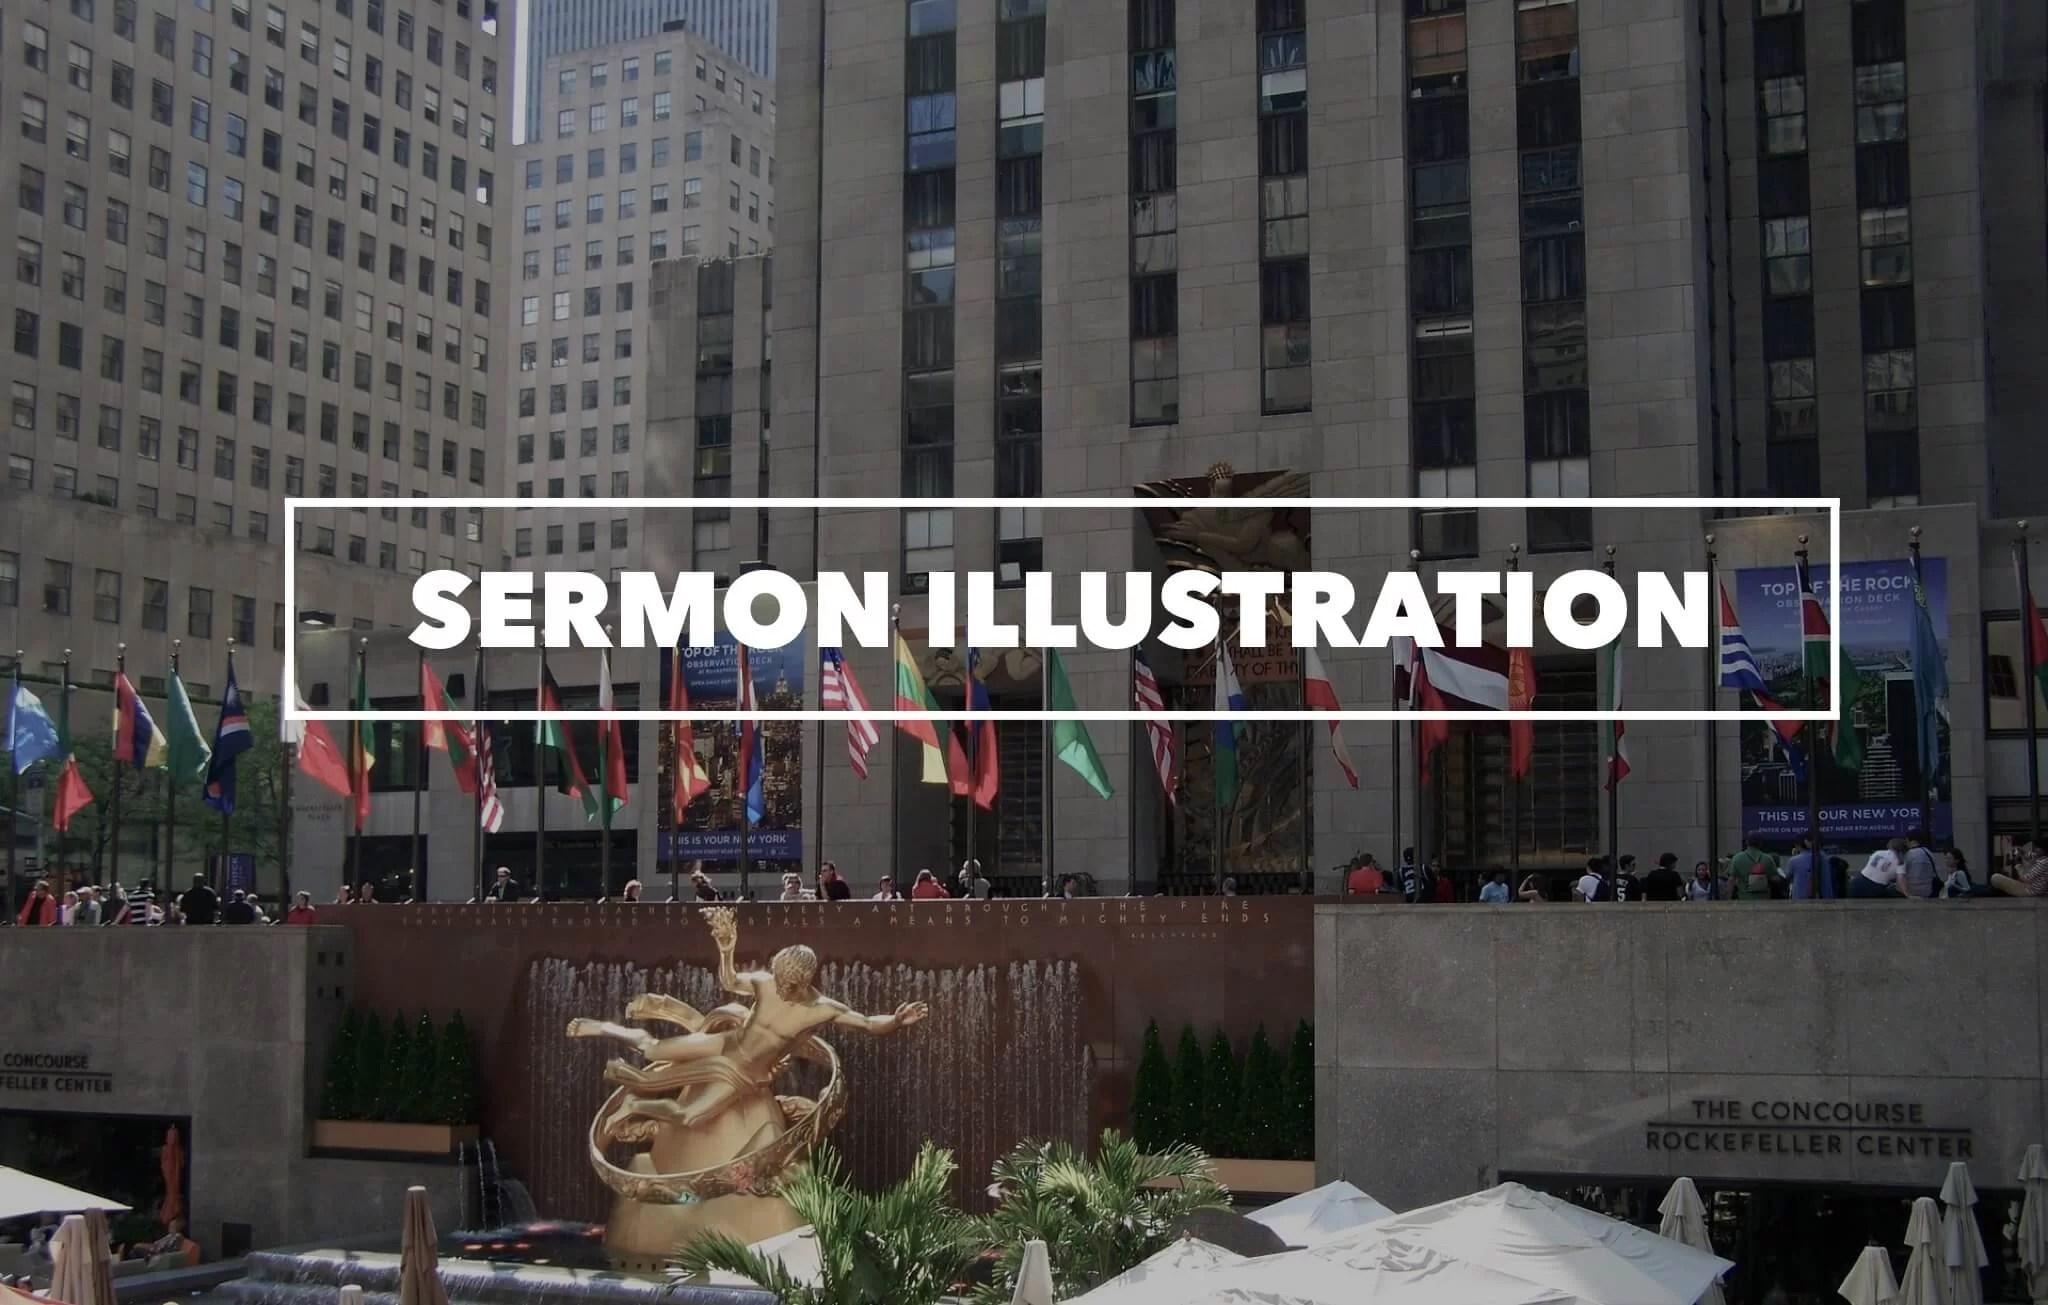 sermon illustration on giving